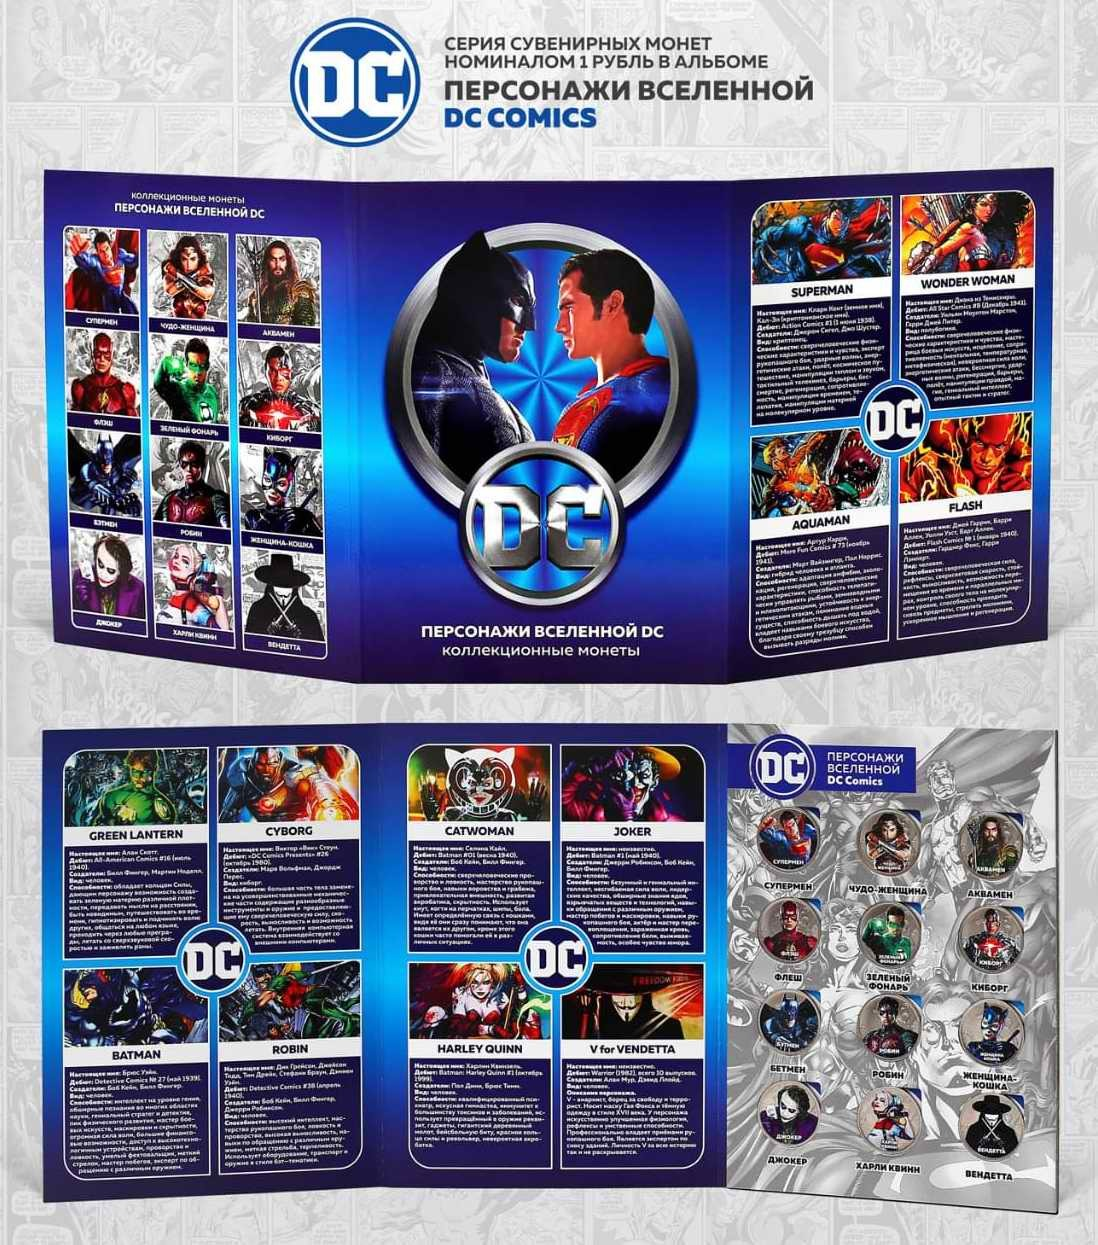 """Набор """"Персонажи вселенной DC Comics"""". Цветные монеты 1 рубль в альбоме"""